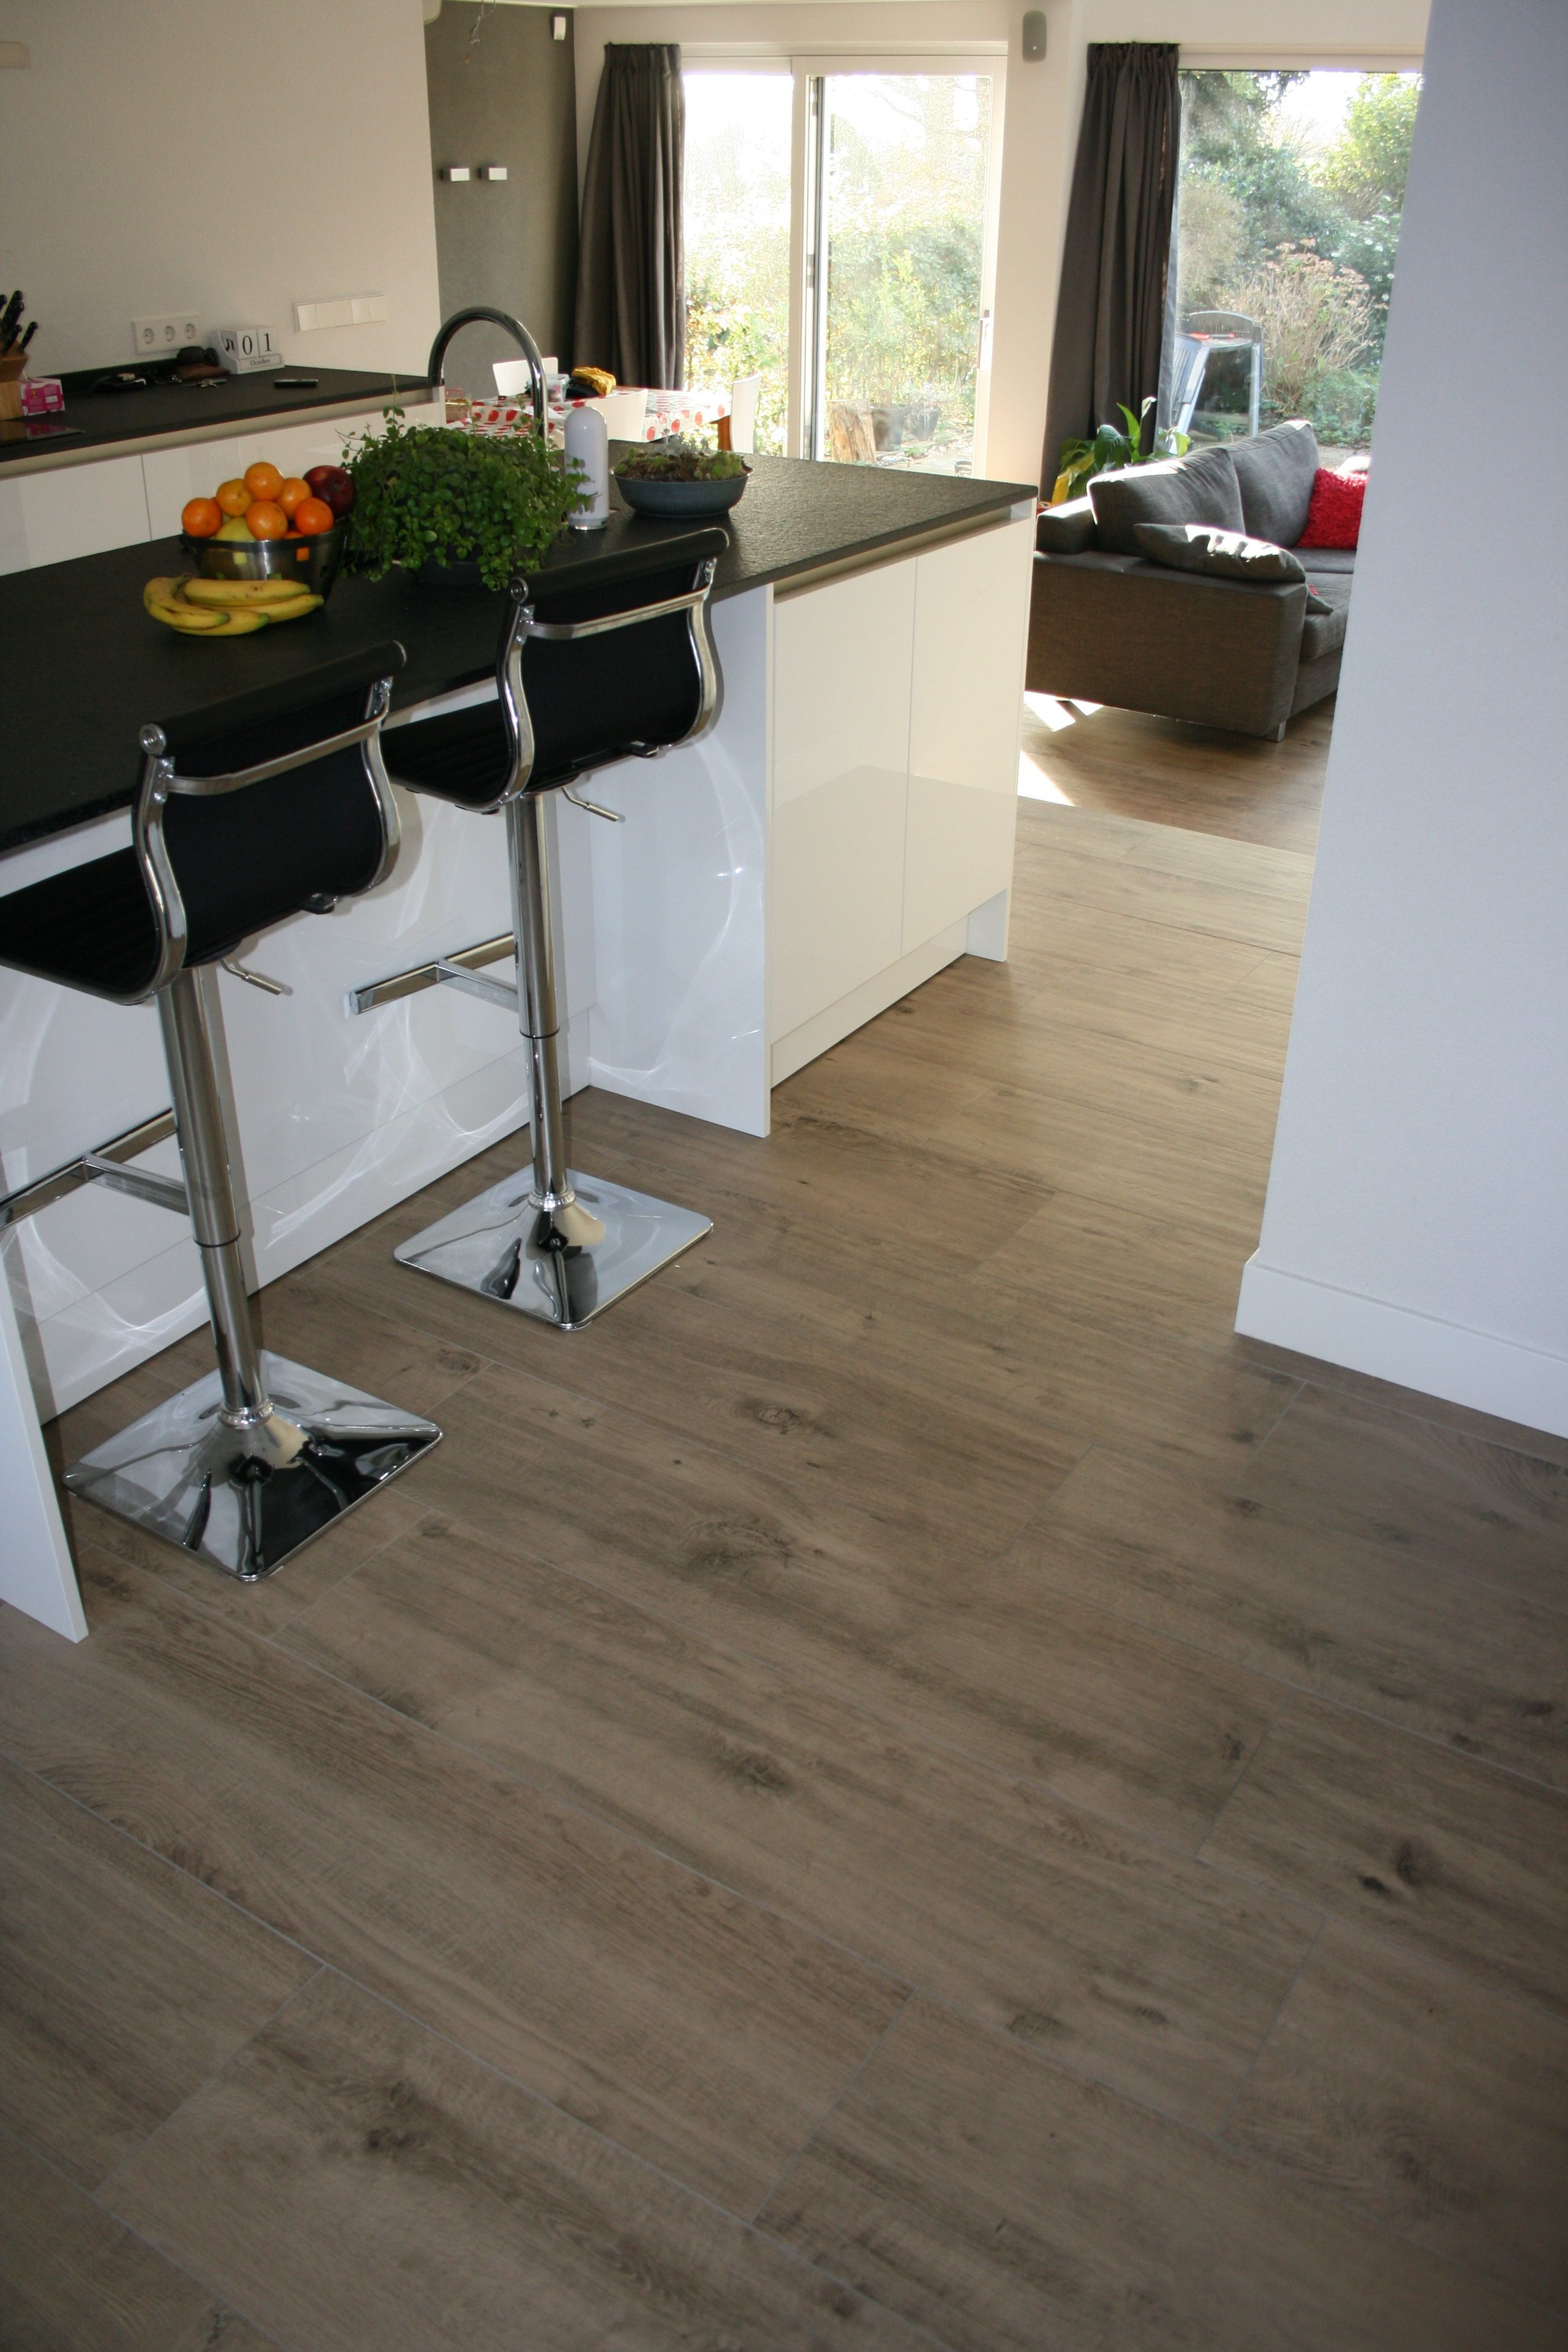 vloertegels houtlook marazzi treverk home olmo met keramische